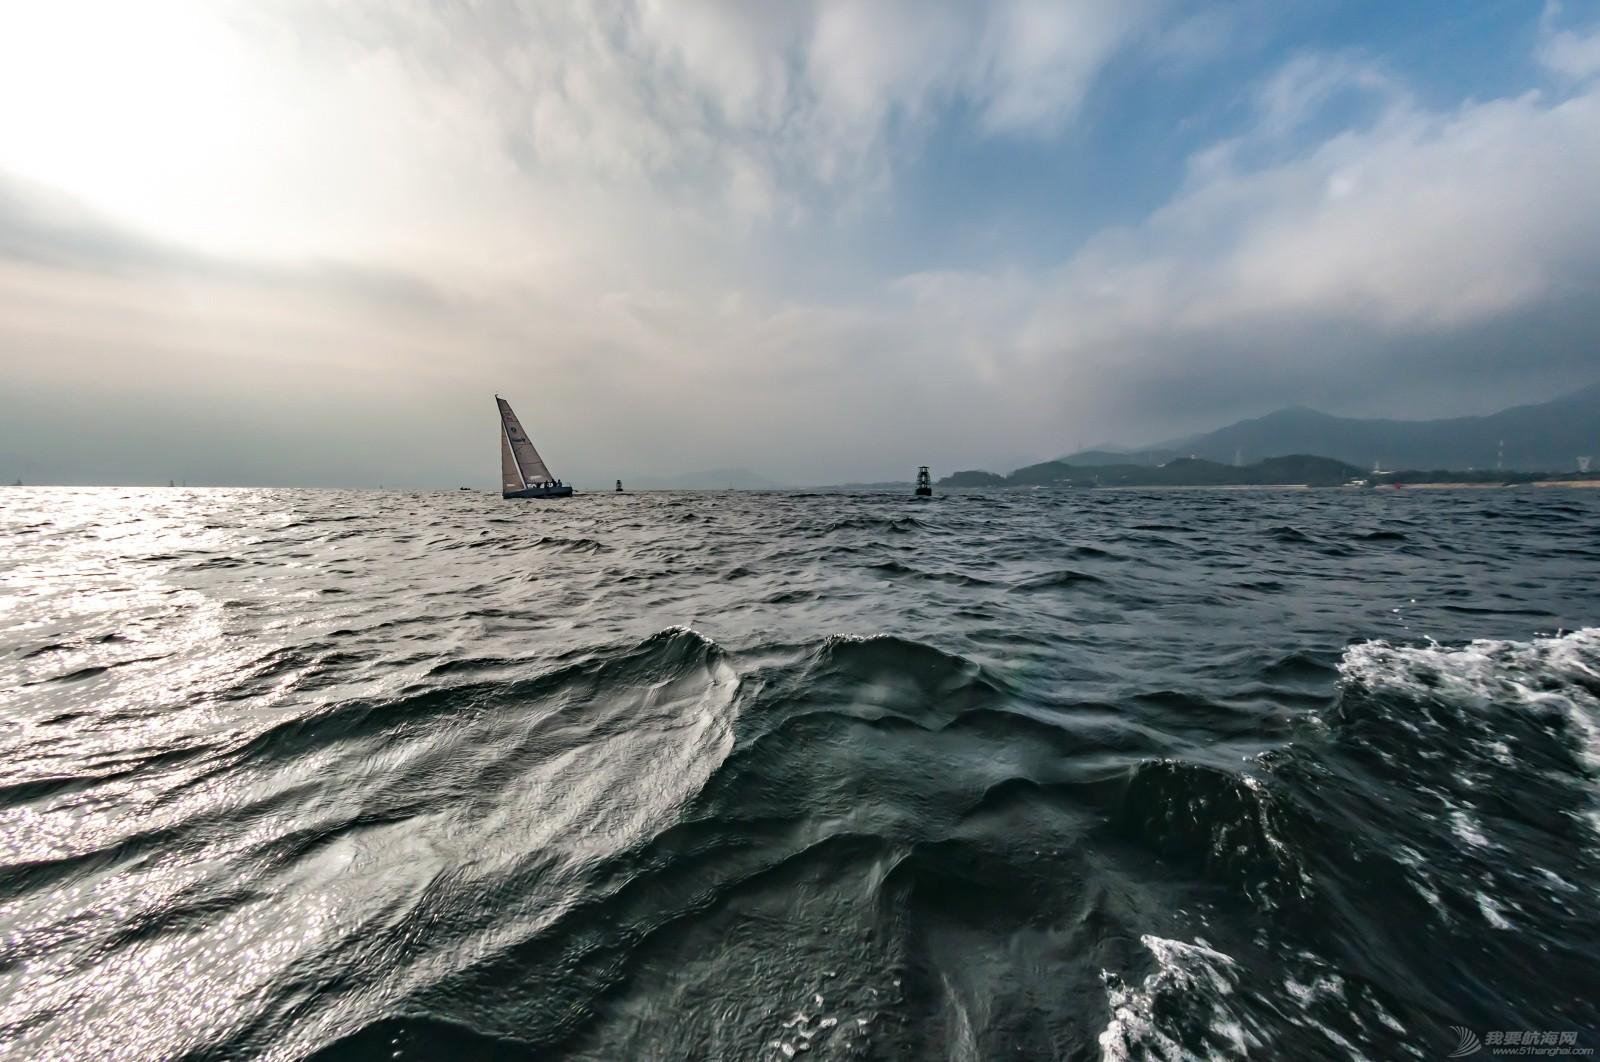 帆船 【2015大鹏杯帆船赛】鱼眼看航海 16008.jpg